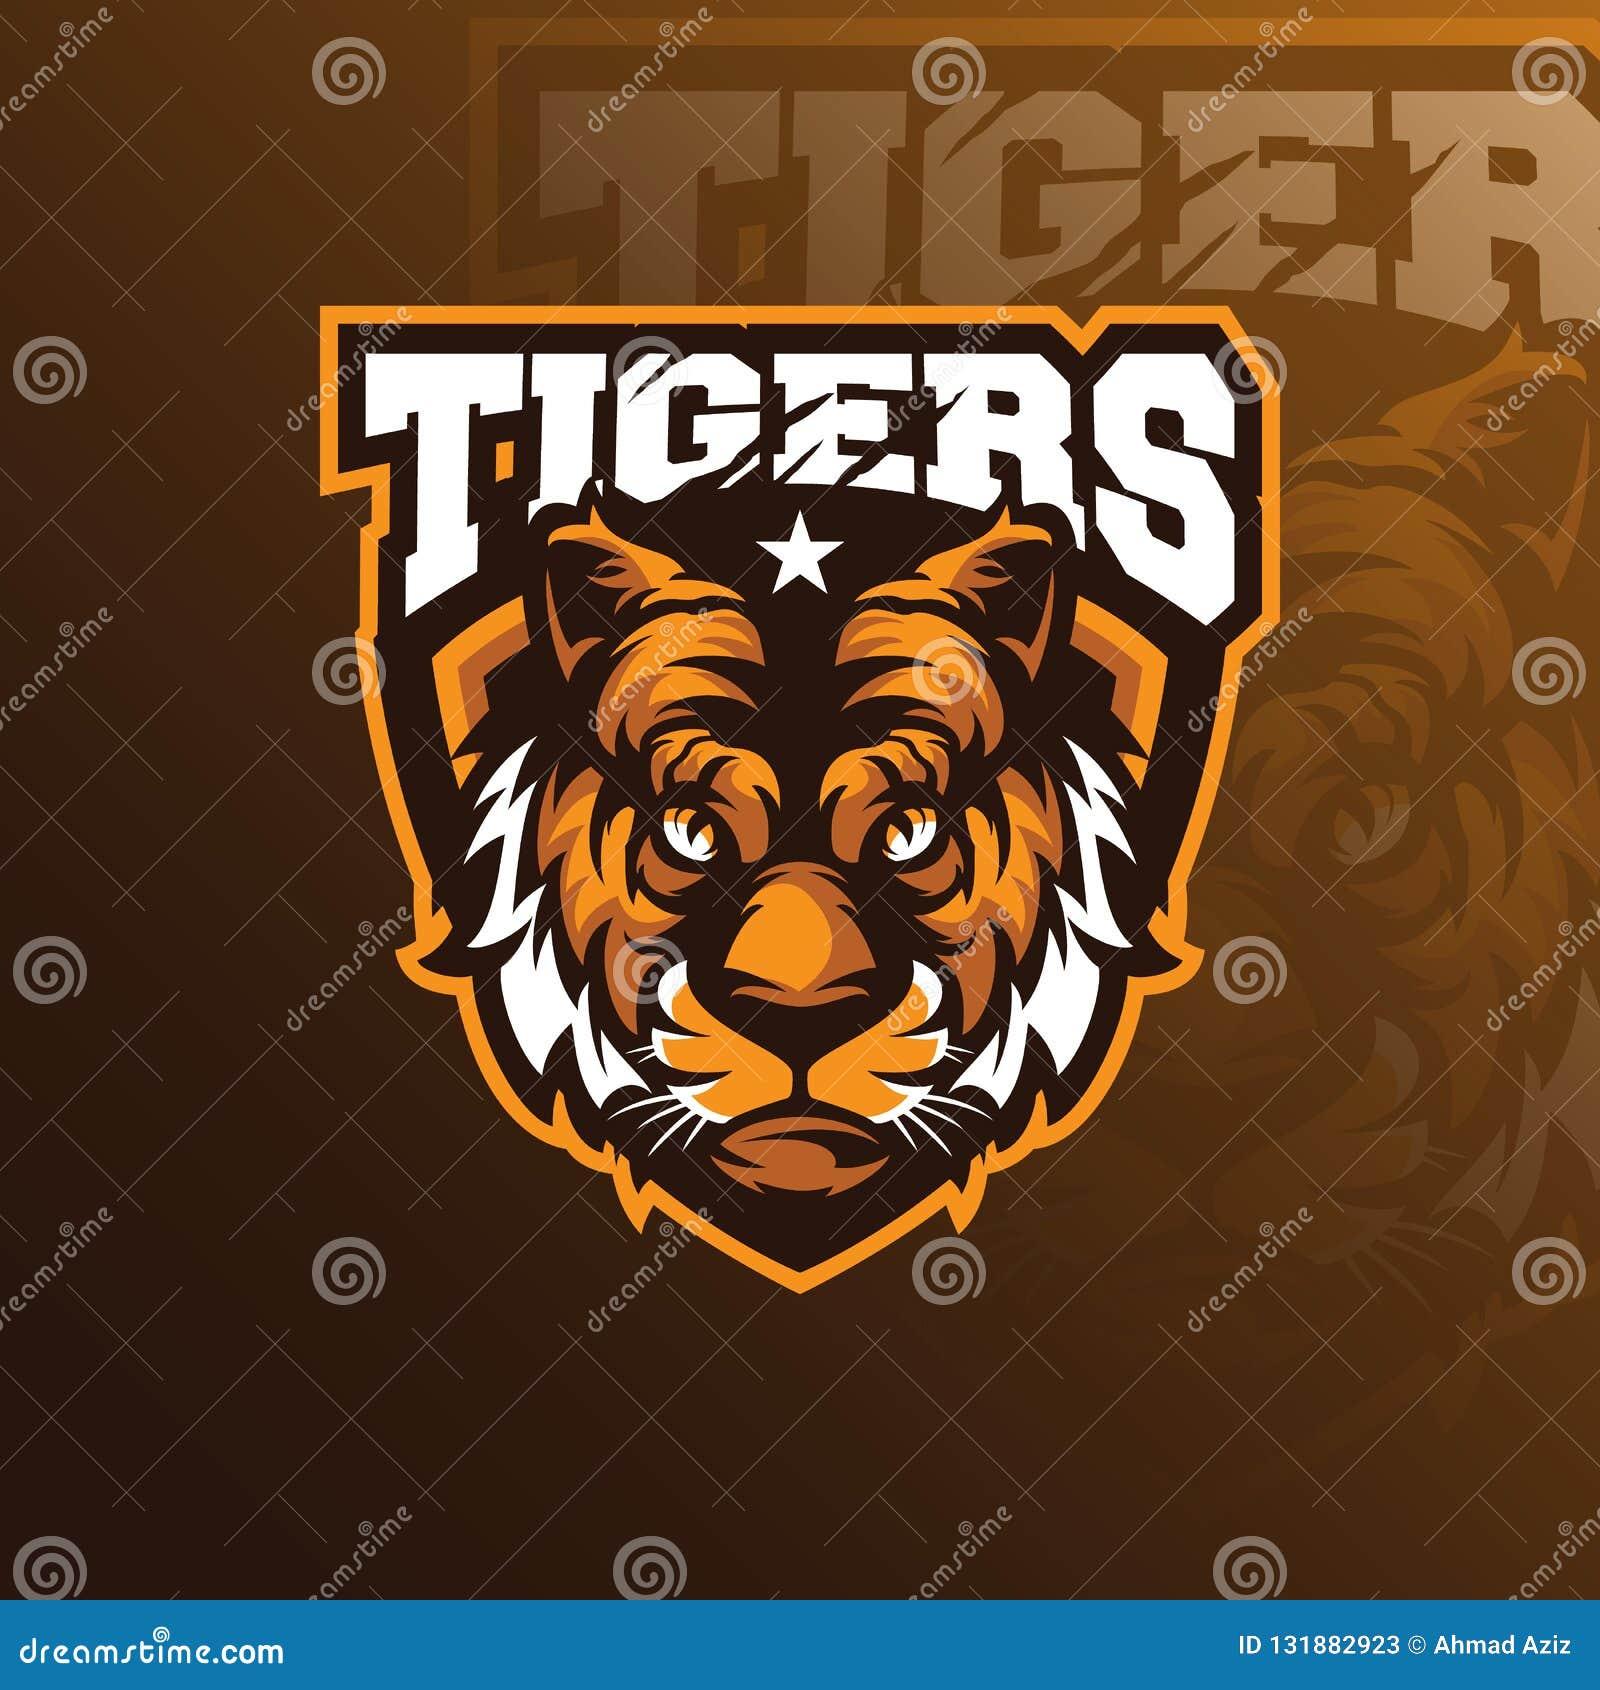 与徽章象征概念的顶头老虎吉祥人商标设计传染媒介